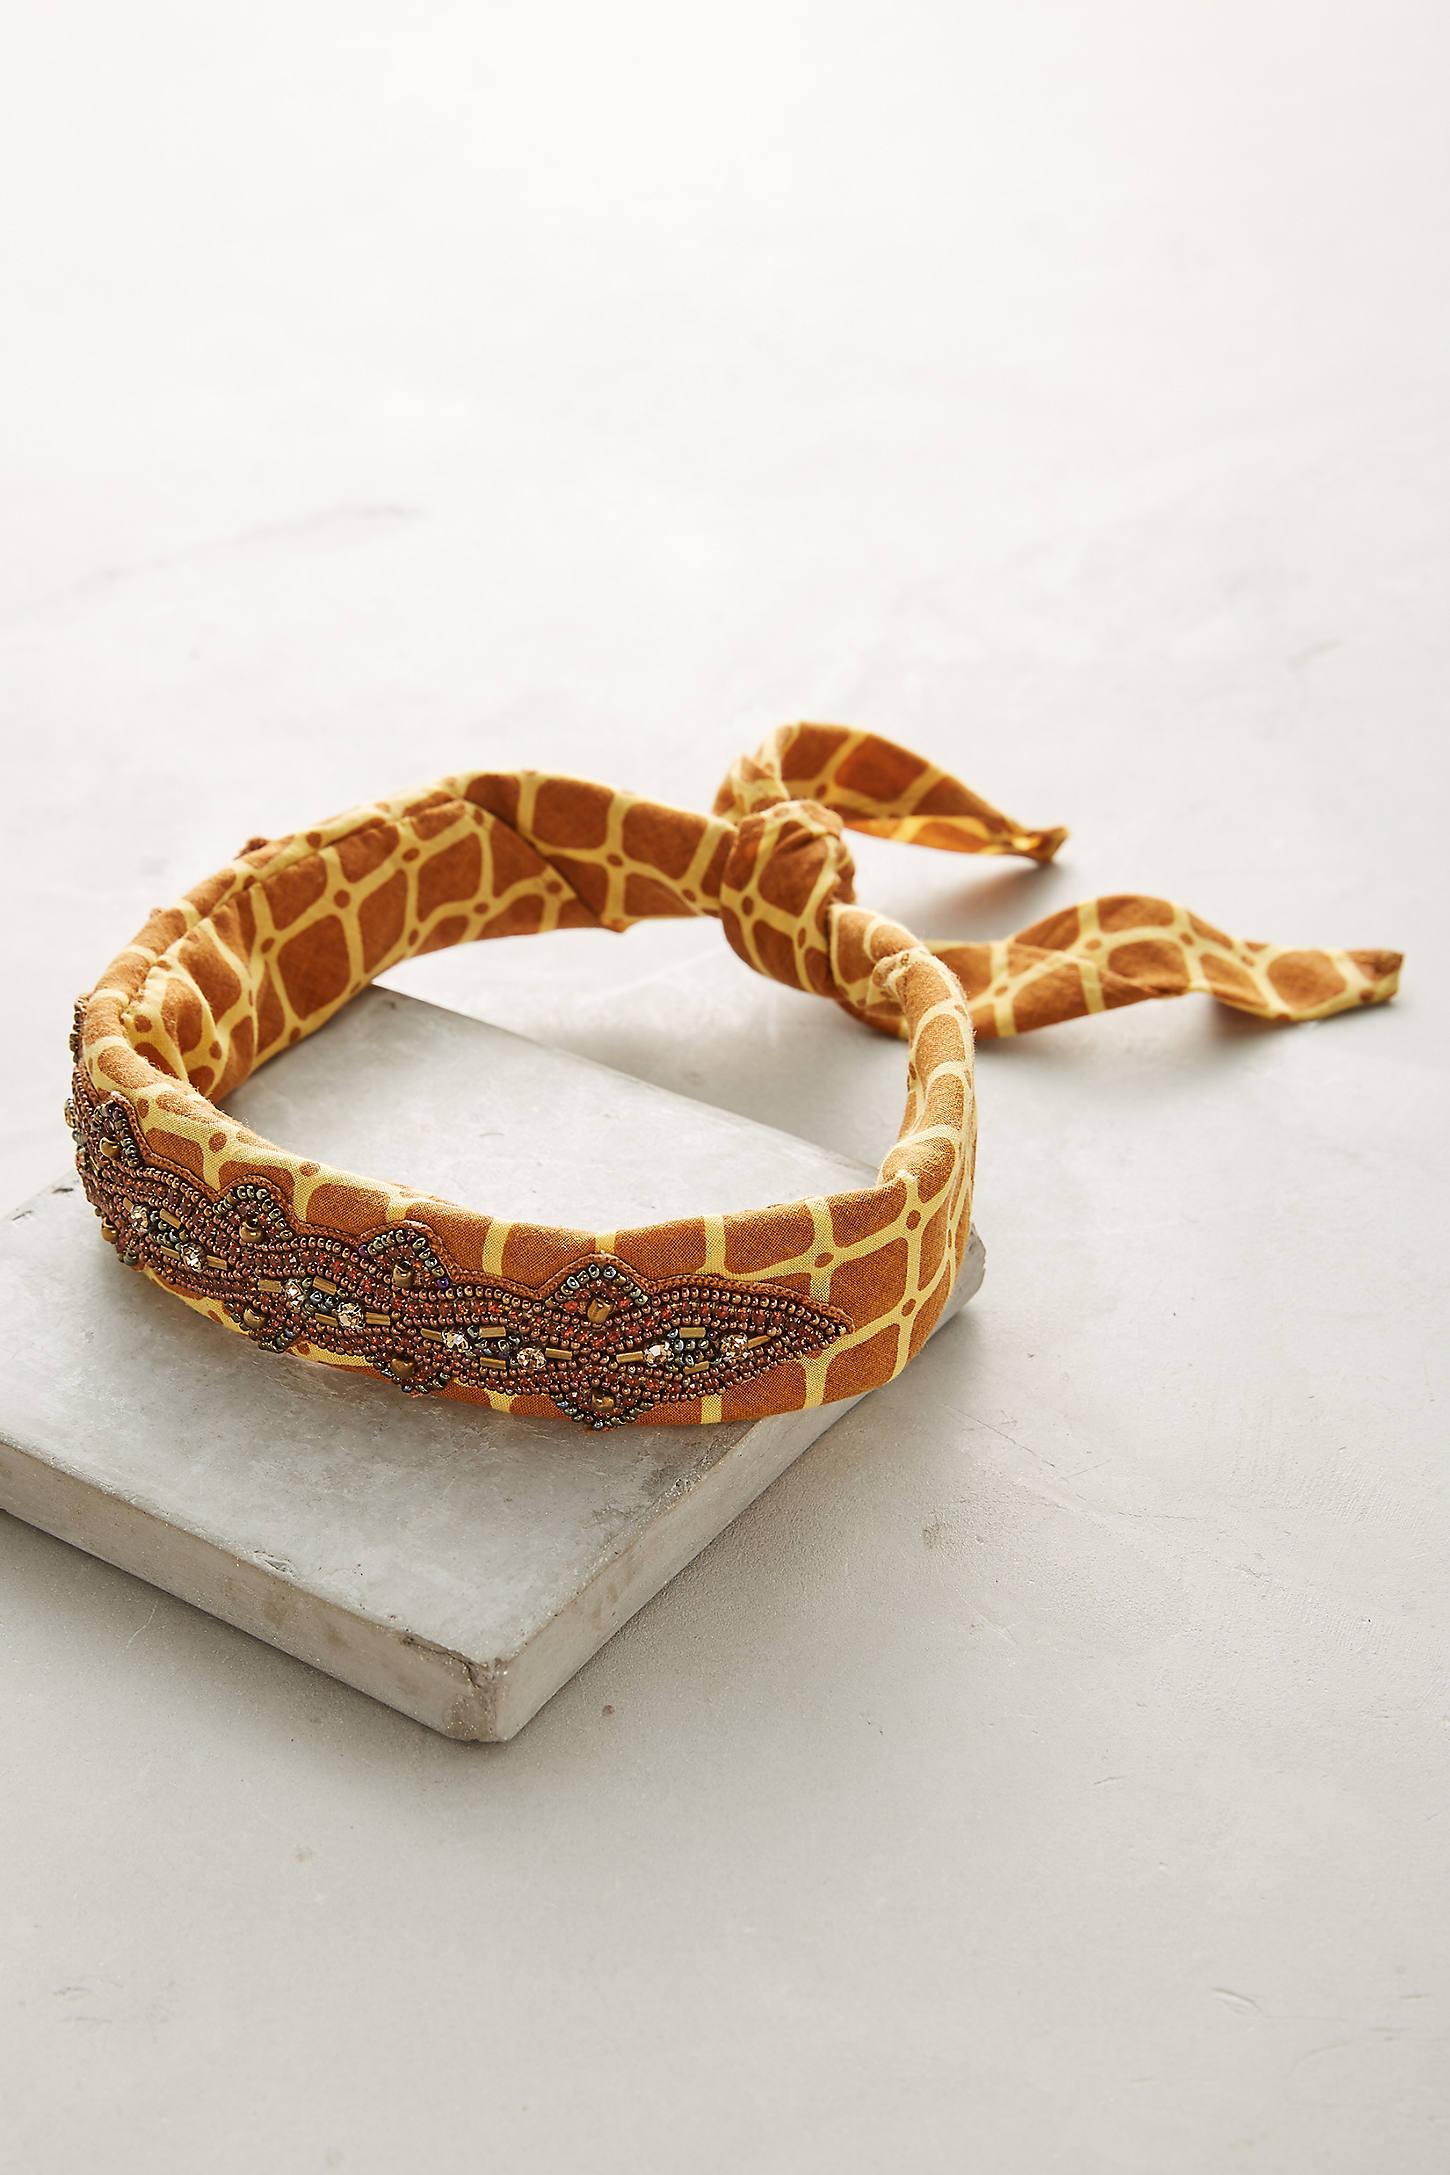 Giraffe Bandana Headband